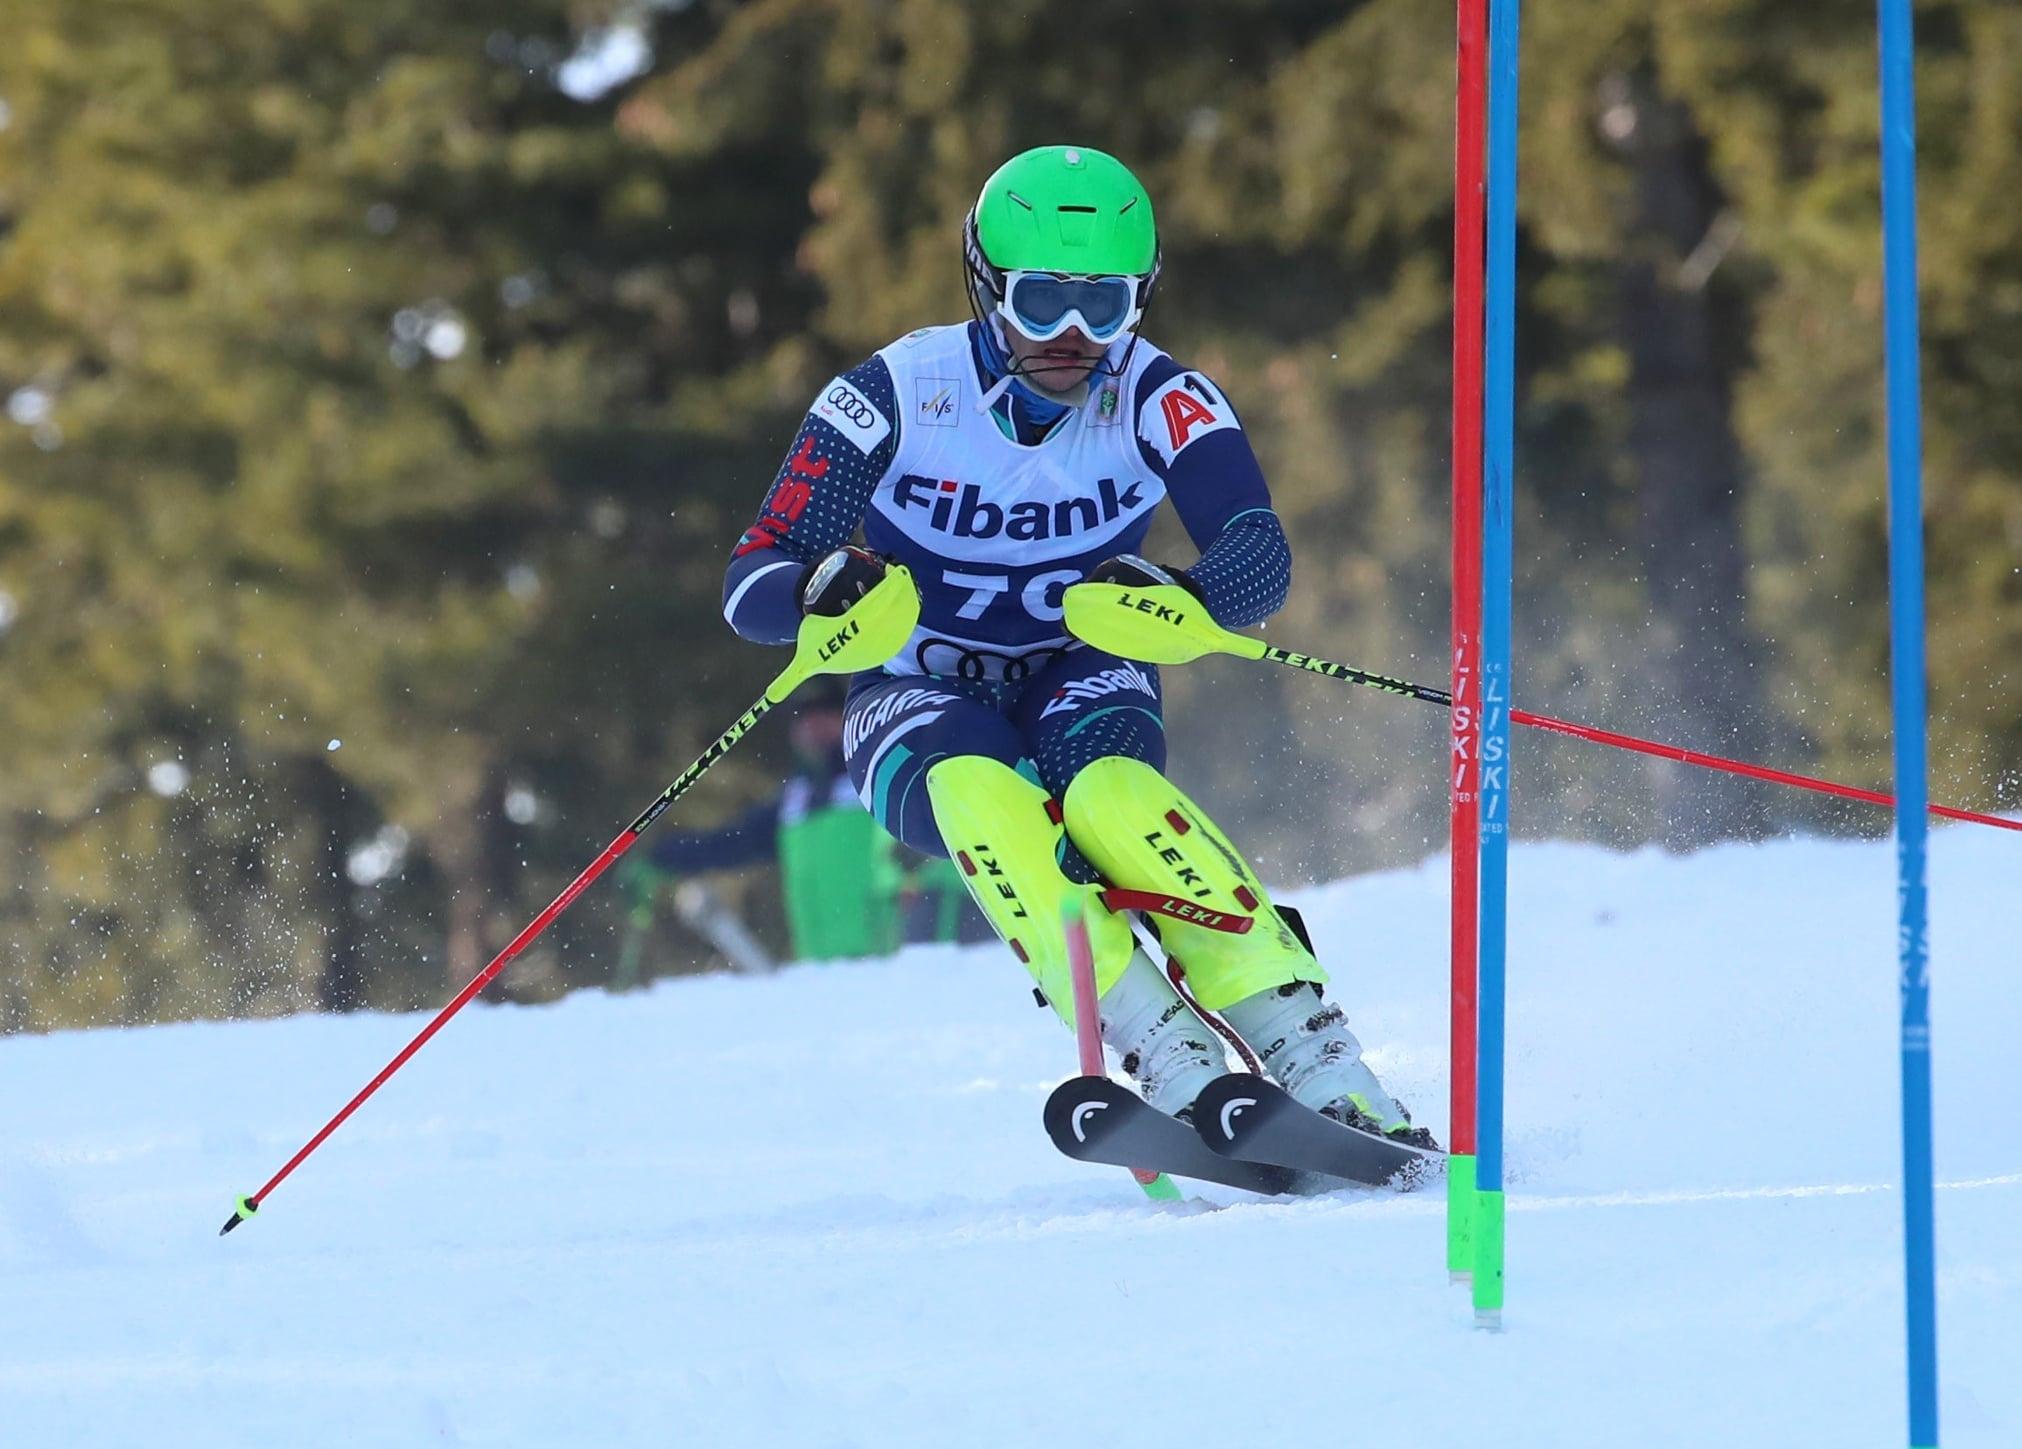 Калин Златков и сестра му Юлия Златкова спечелиха проведените днес